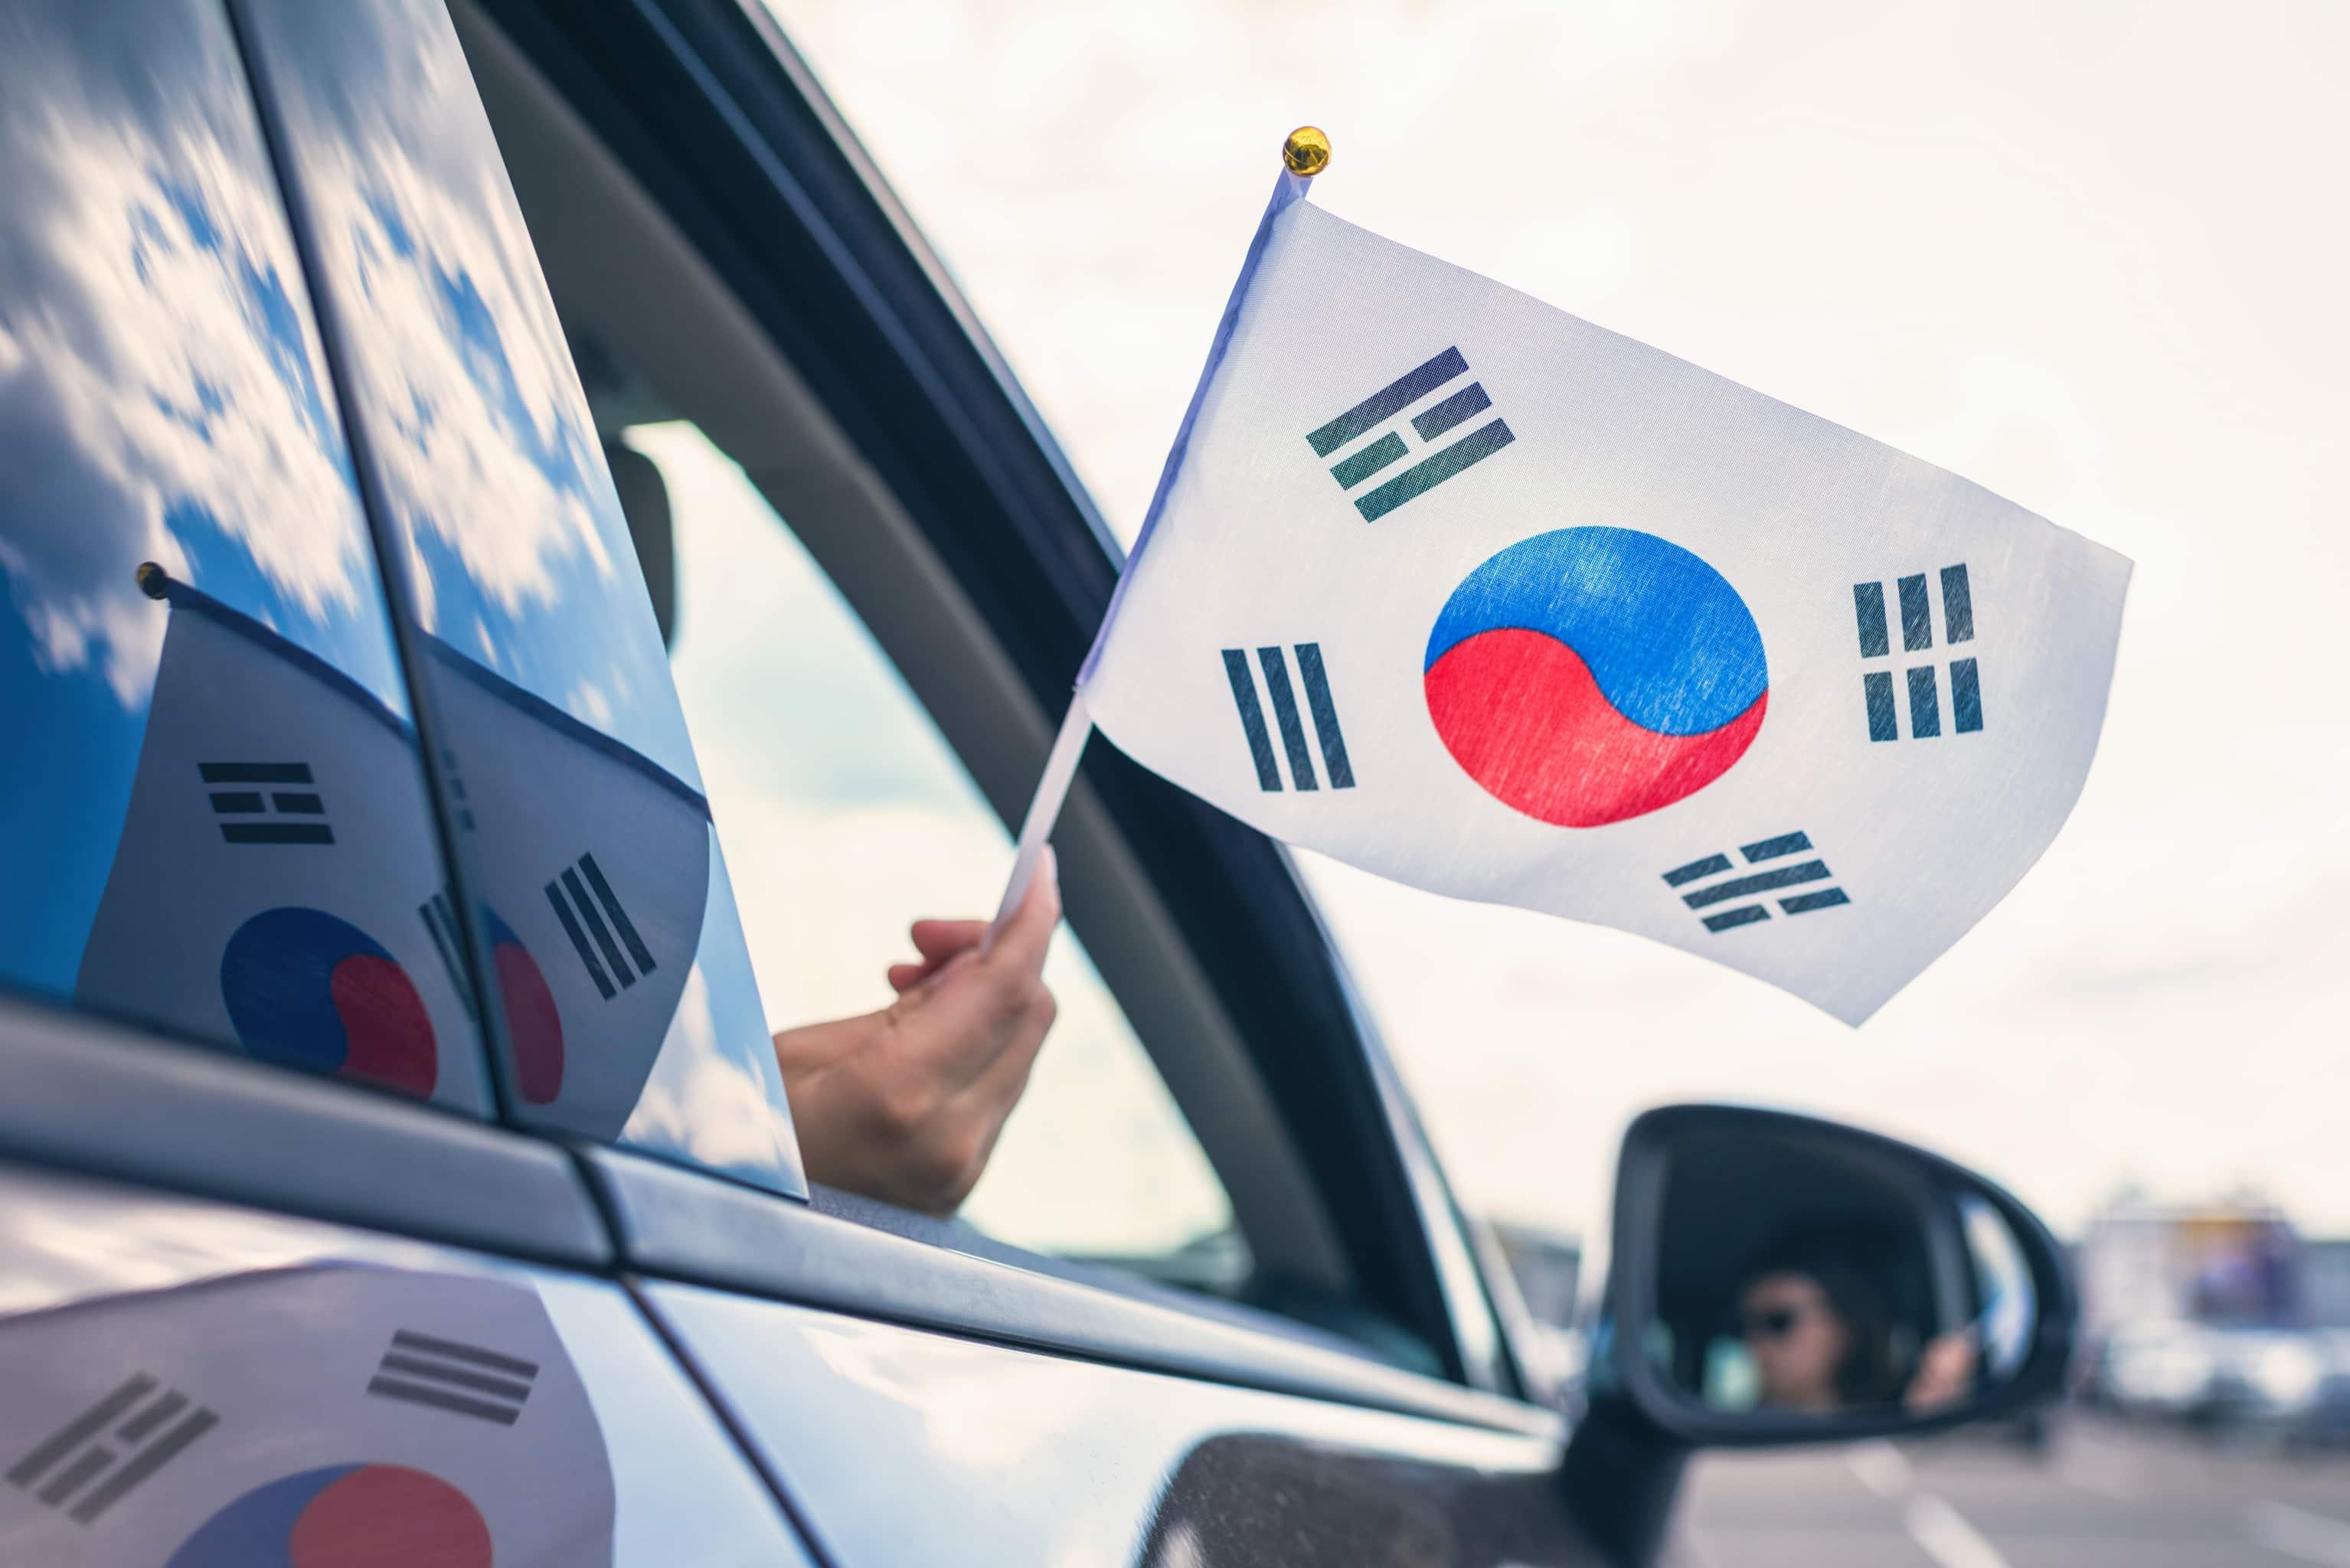 Südkorea: Führerschein per Blockchain kommt richtig gut an